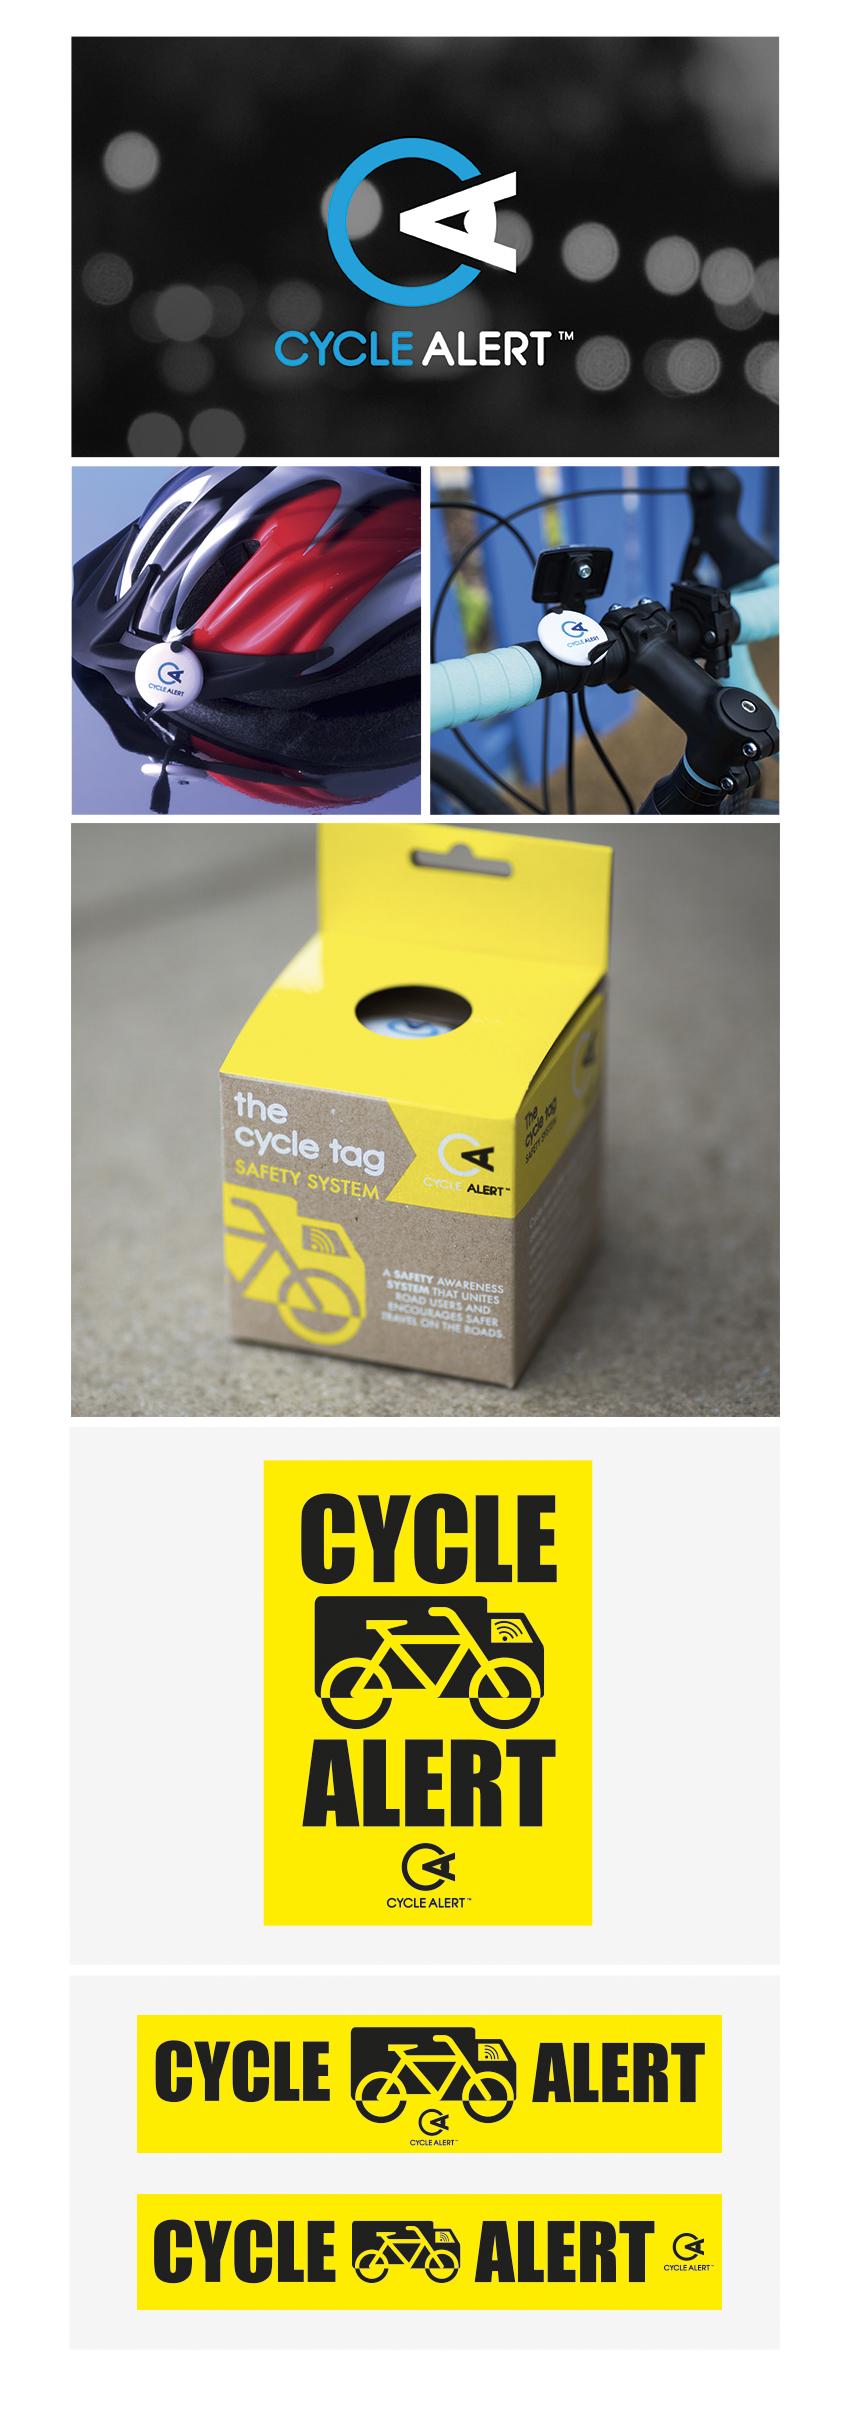 Cycle Alert-Skew-Styleguide.jpg